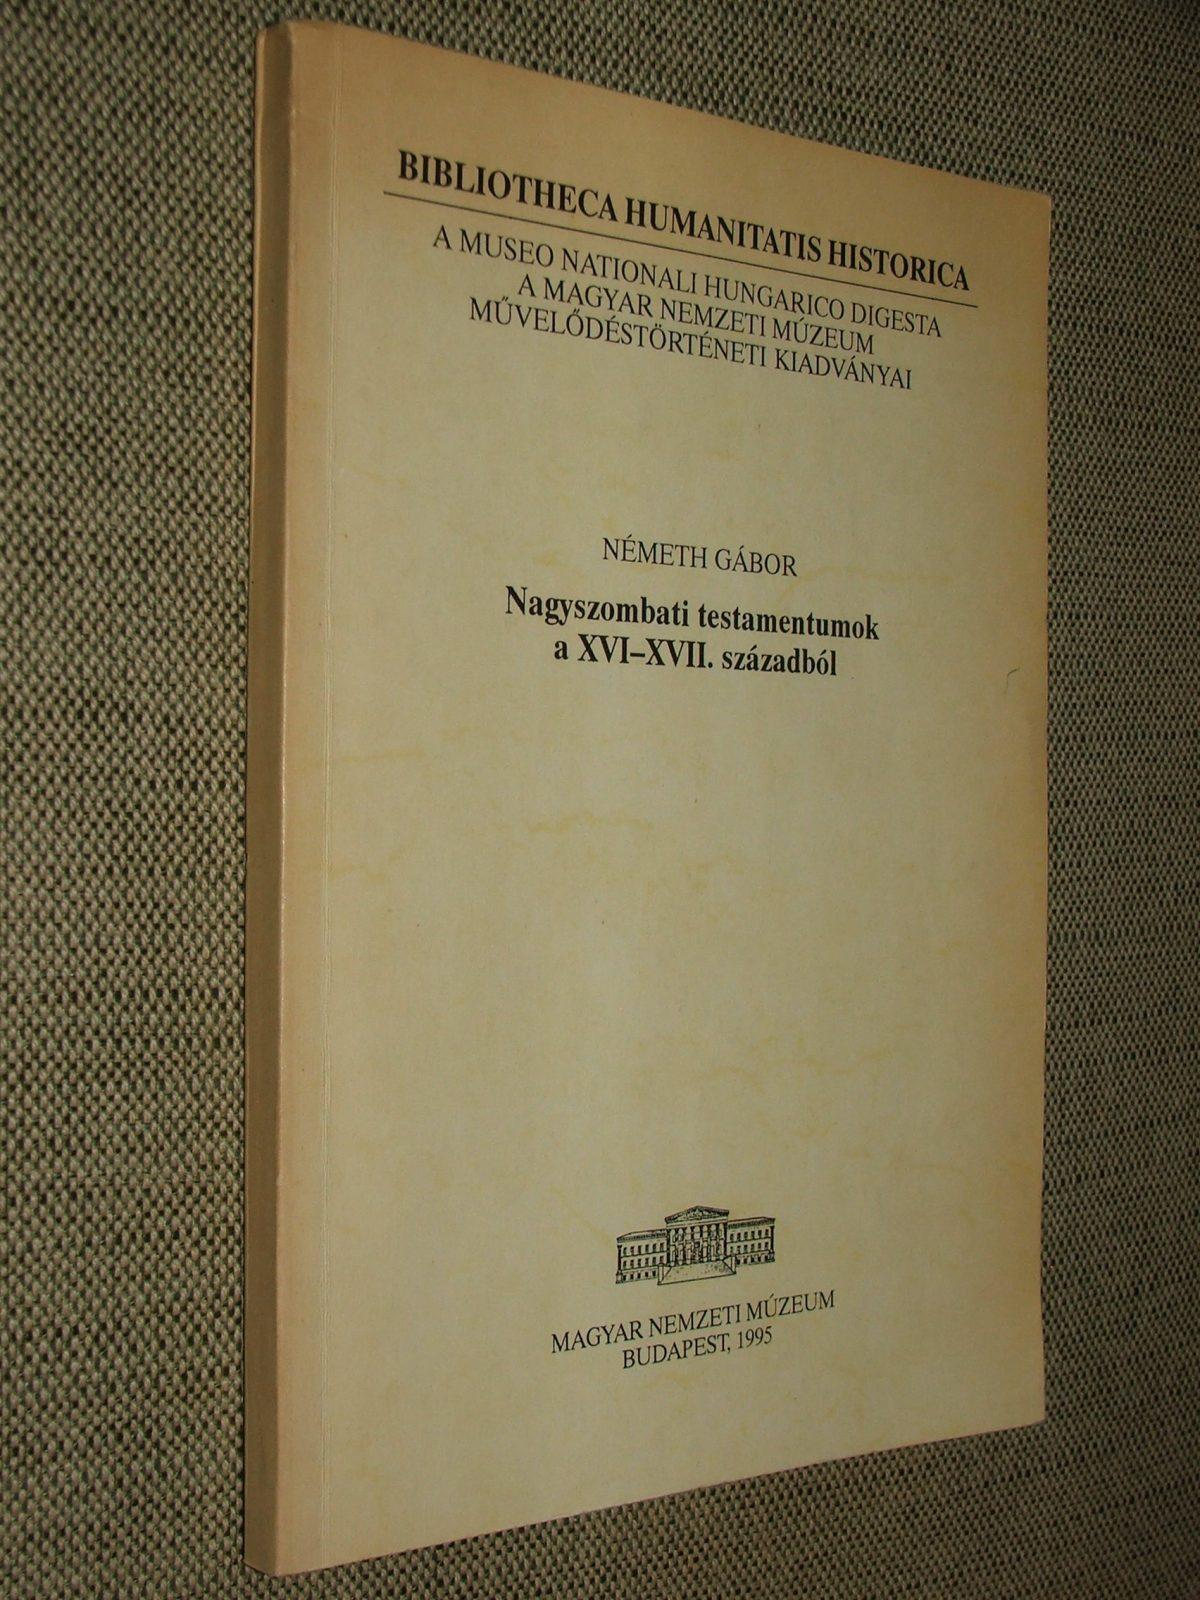 NÉMETH Gábor: Nagyszombati testamentumok a XVI-XVII. századból